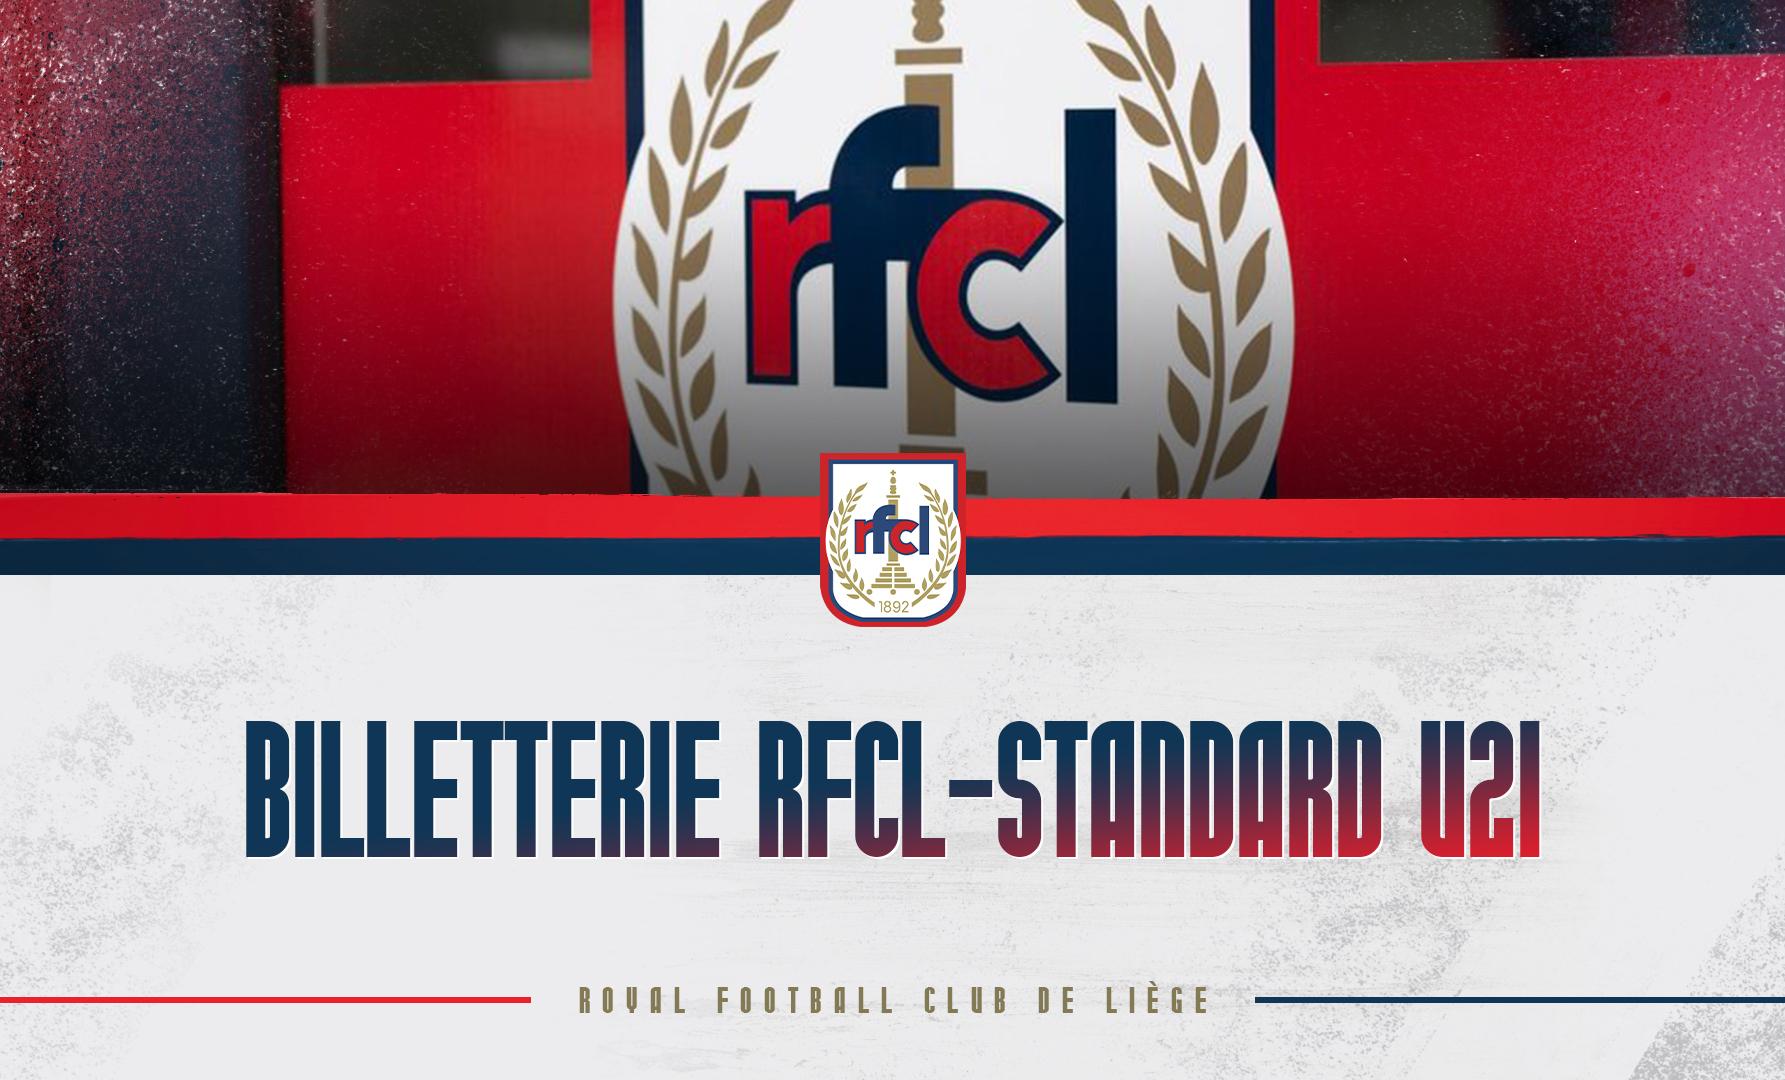 Billetterie   Inscriptions pour RFCL-Standard U21 (07/08)